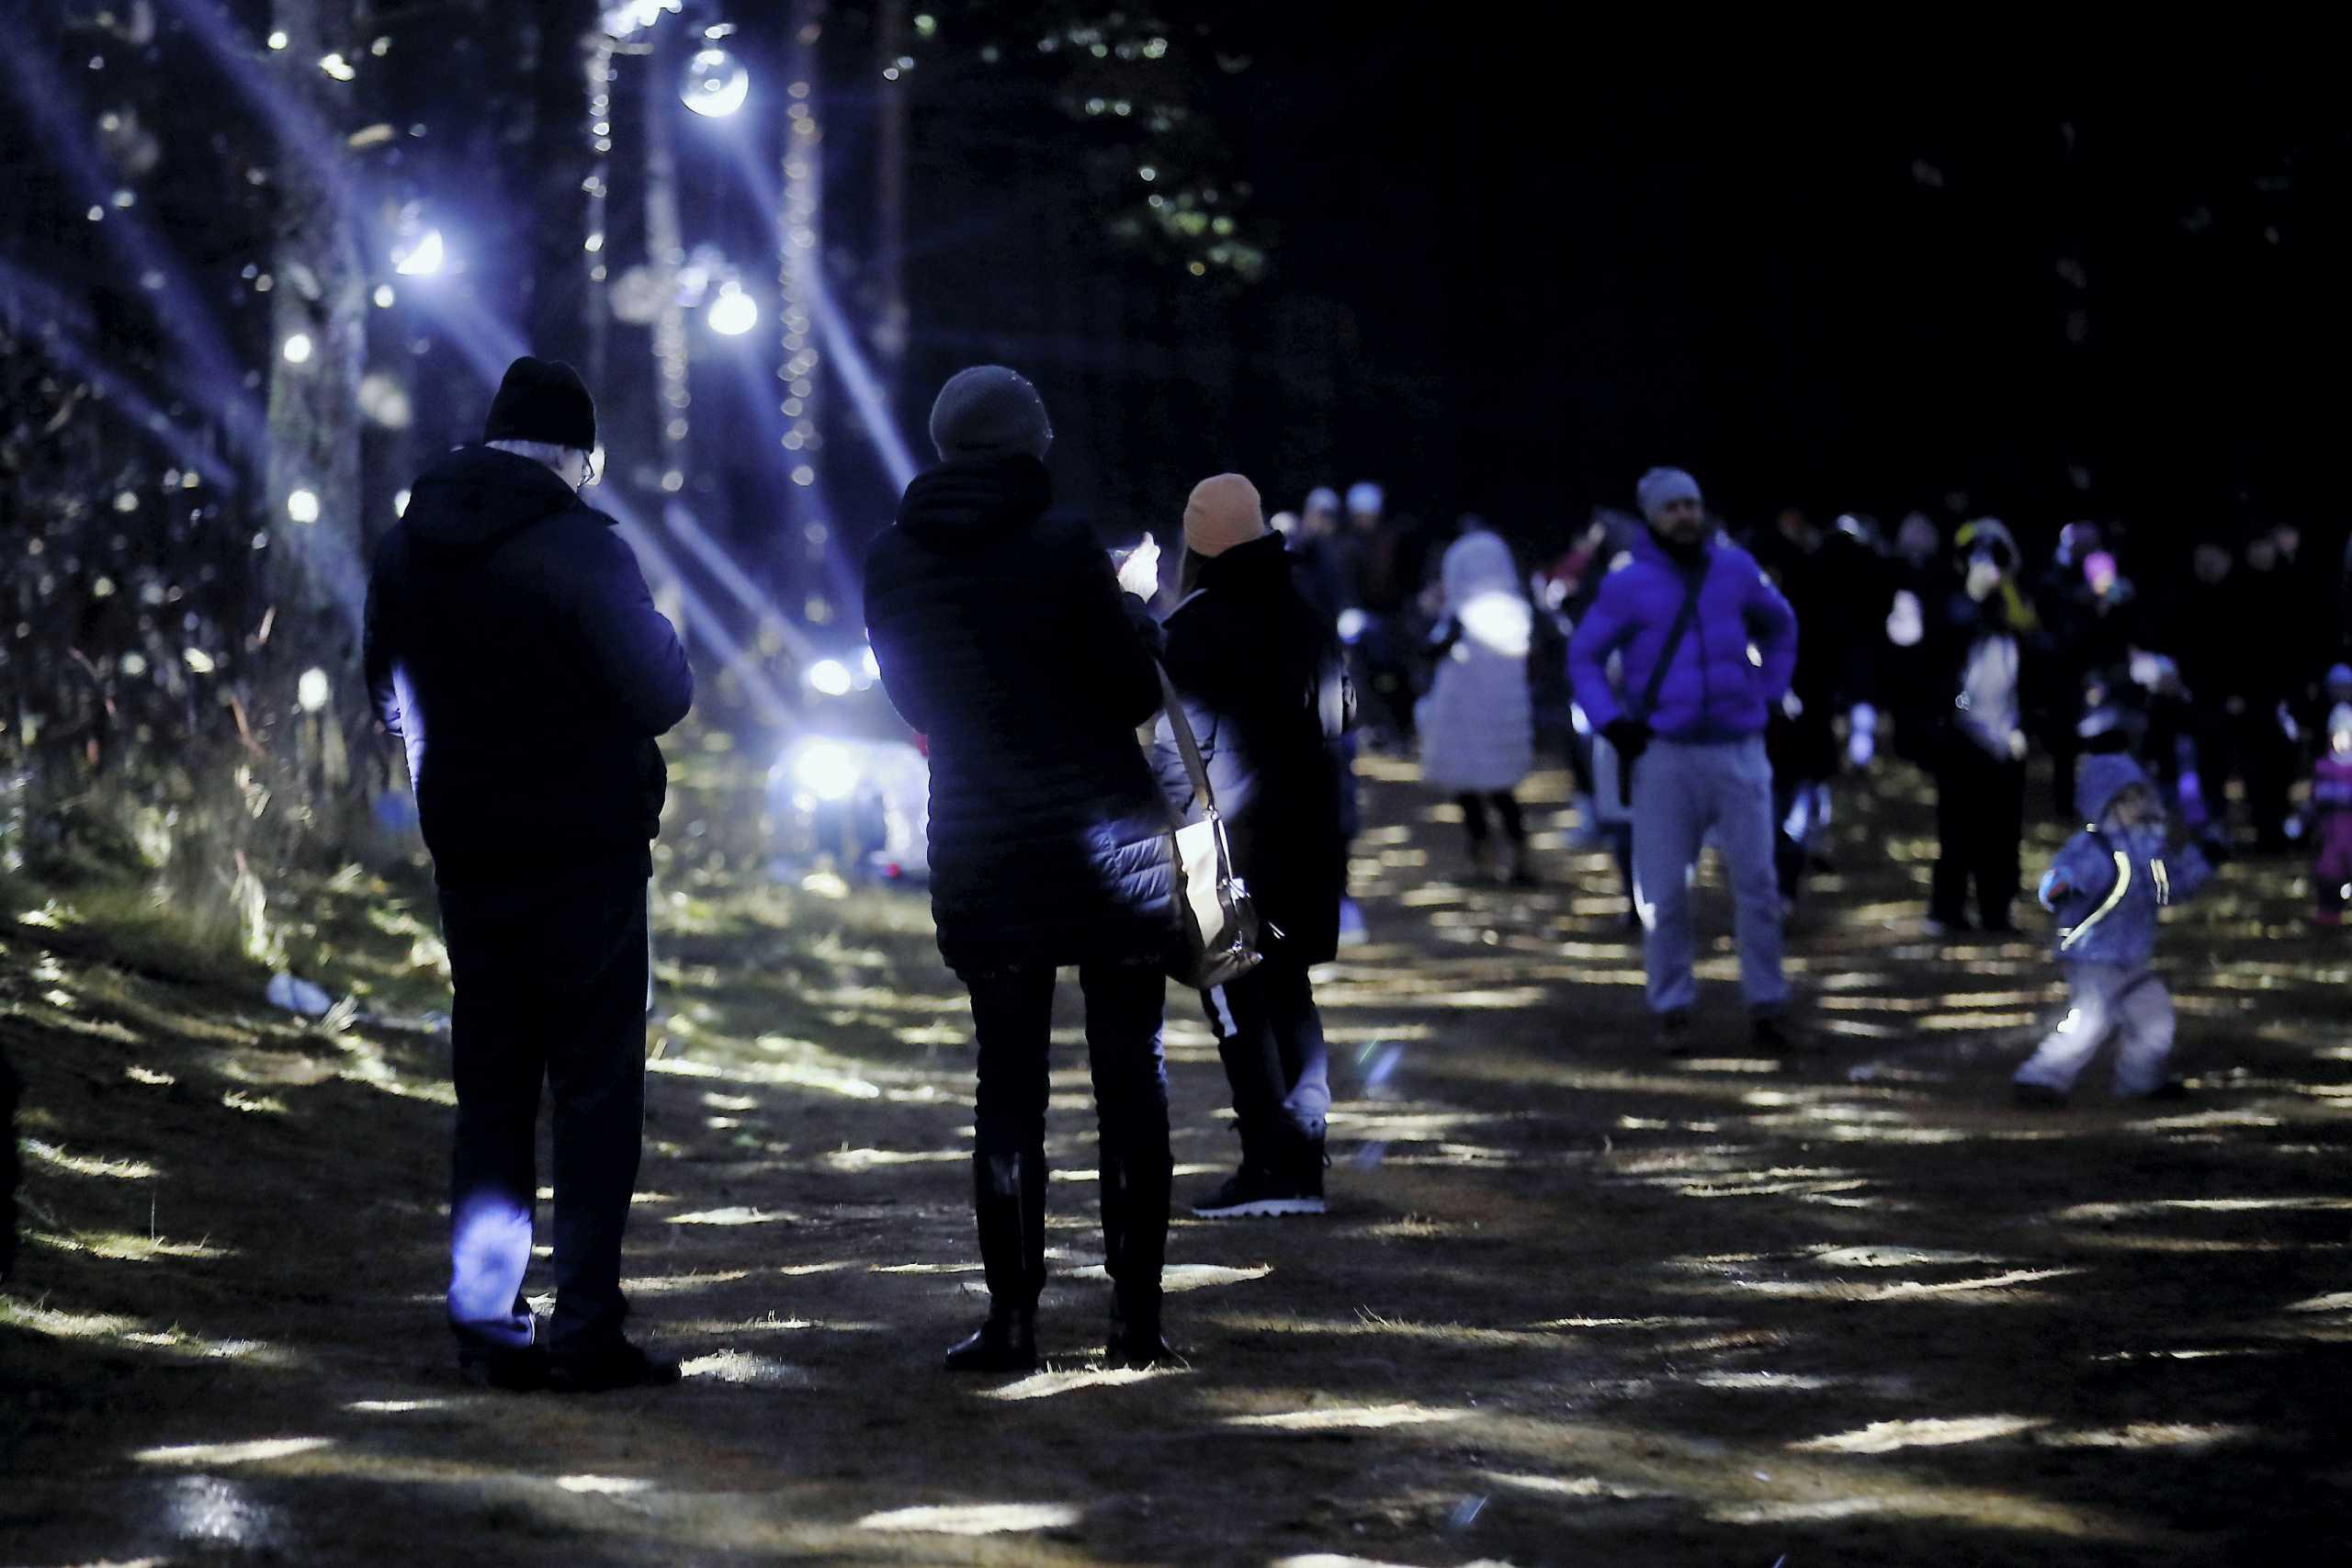 Κορονοϊός – Λετονία: Στους δρόμους αστυνομικοί και συνοριοφύλακες για να τηρηθεί η απαγόρευση κυκλοφορίας